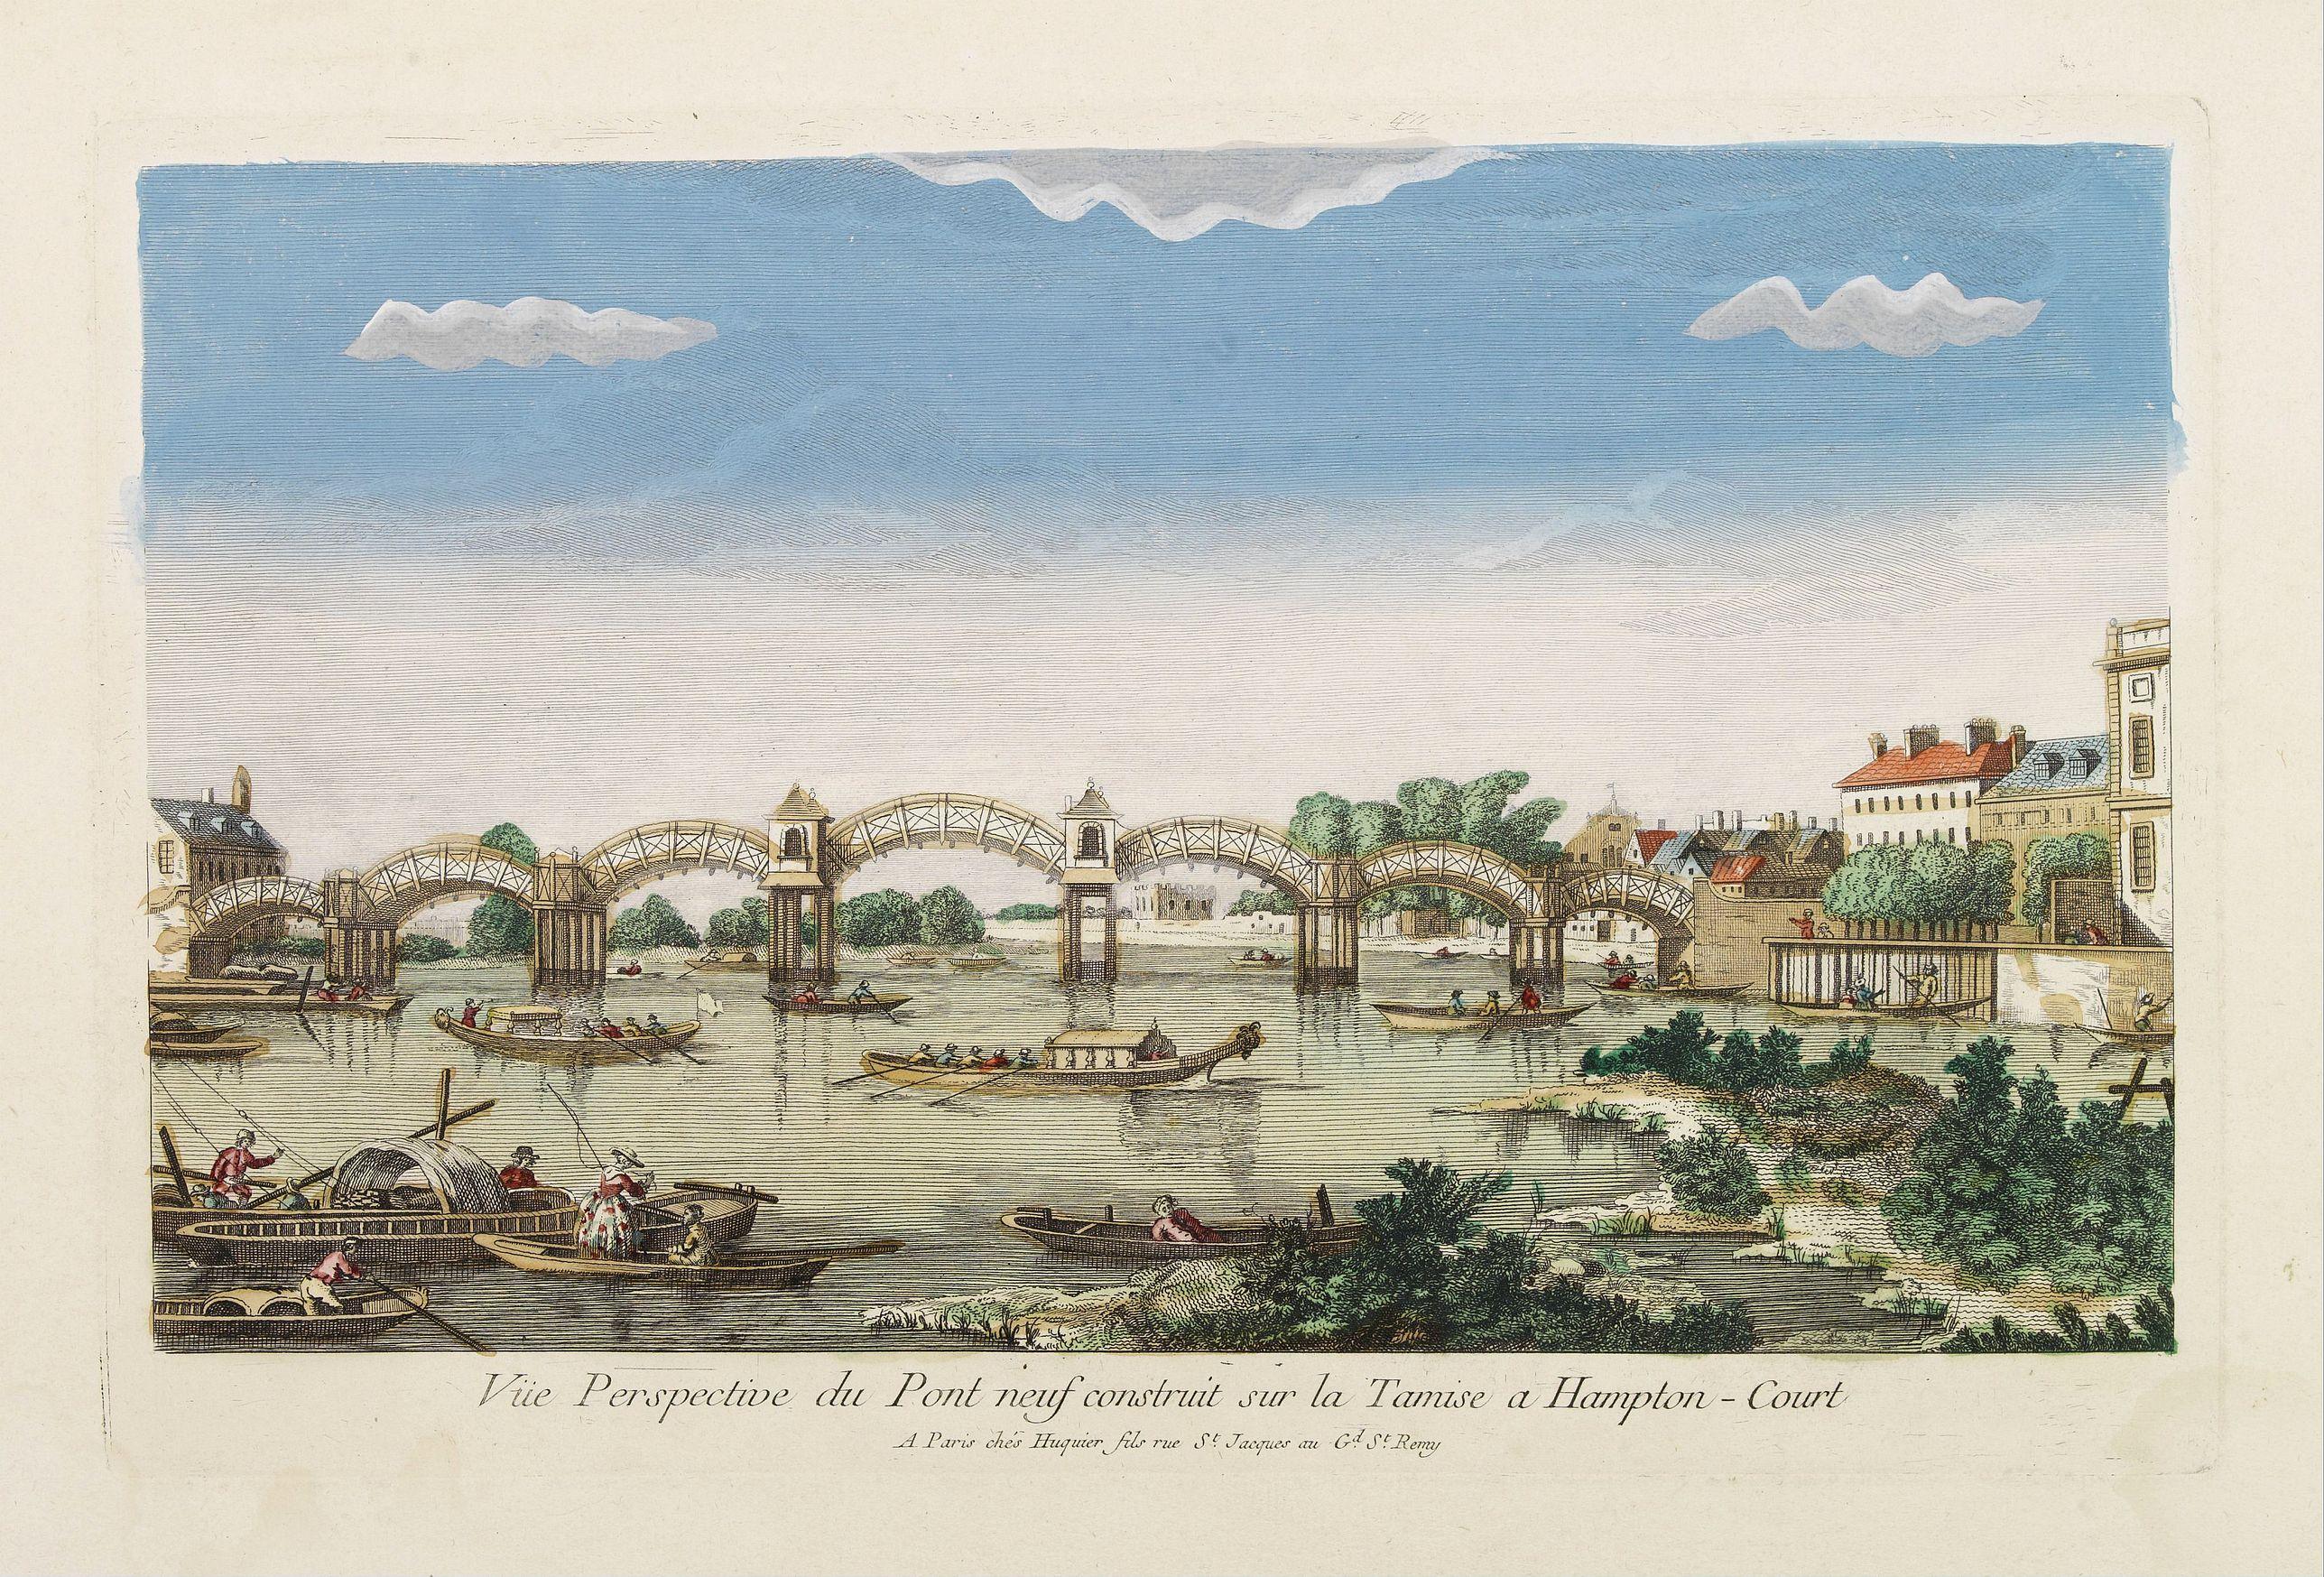 HUQUIER -  Vüe Perspective du Pont neuf construit sur la tamise a Hampton-Court.